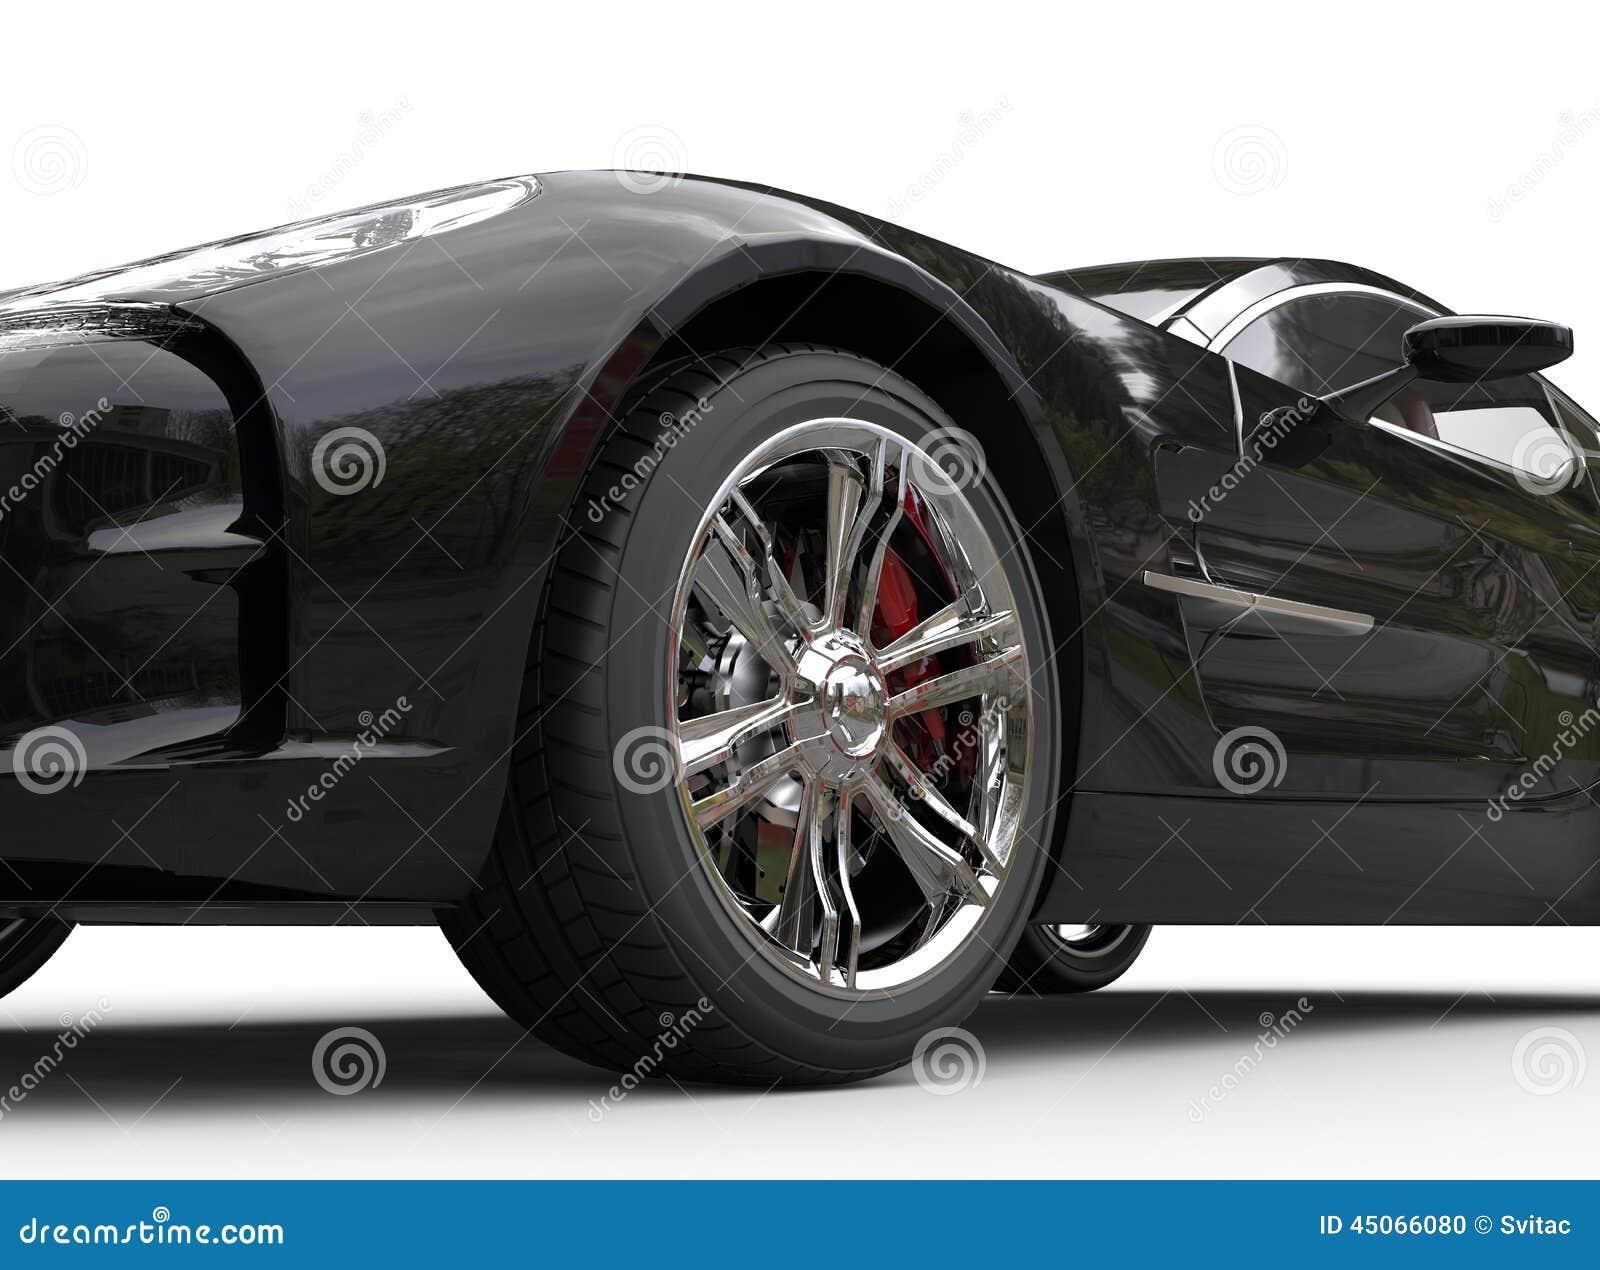 Luxury Vehicle: Black Luxury Sports Car On White Background